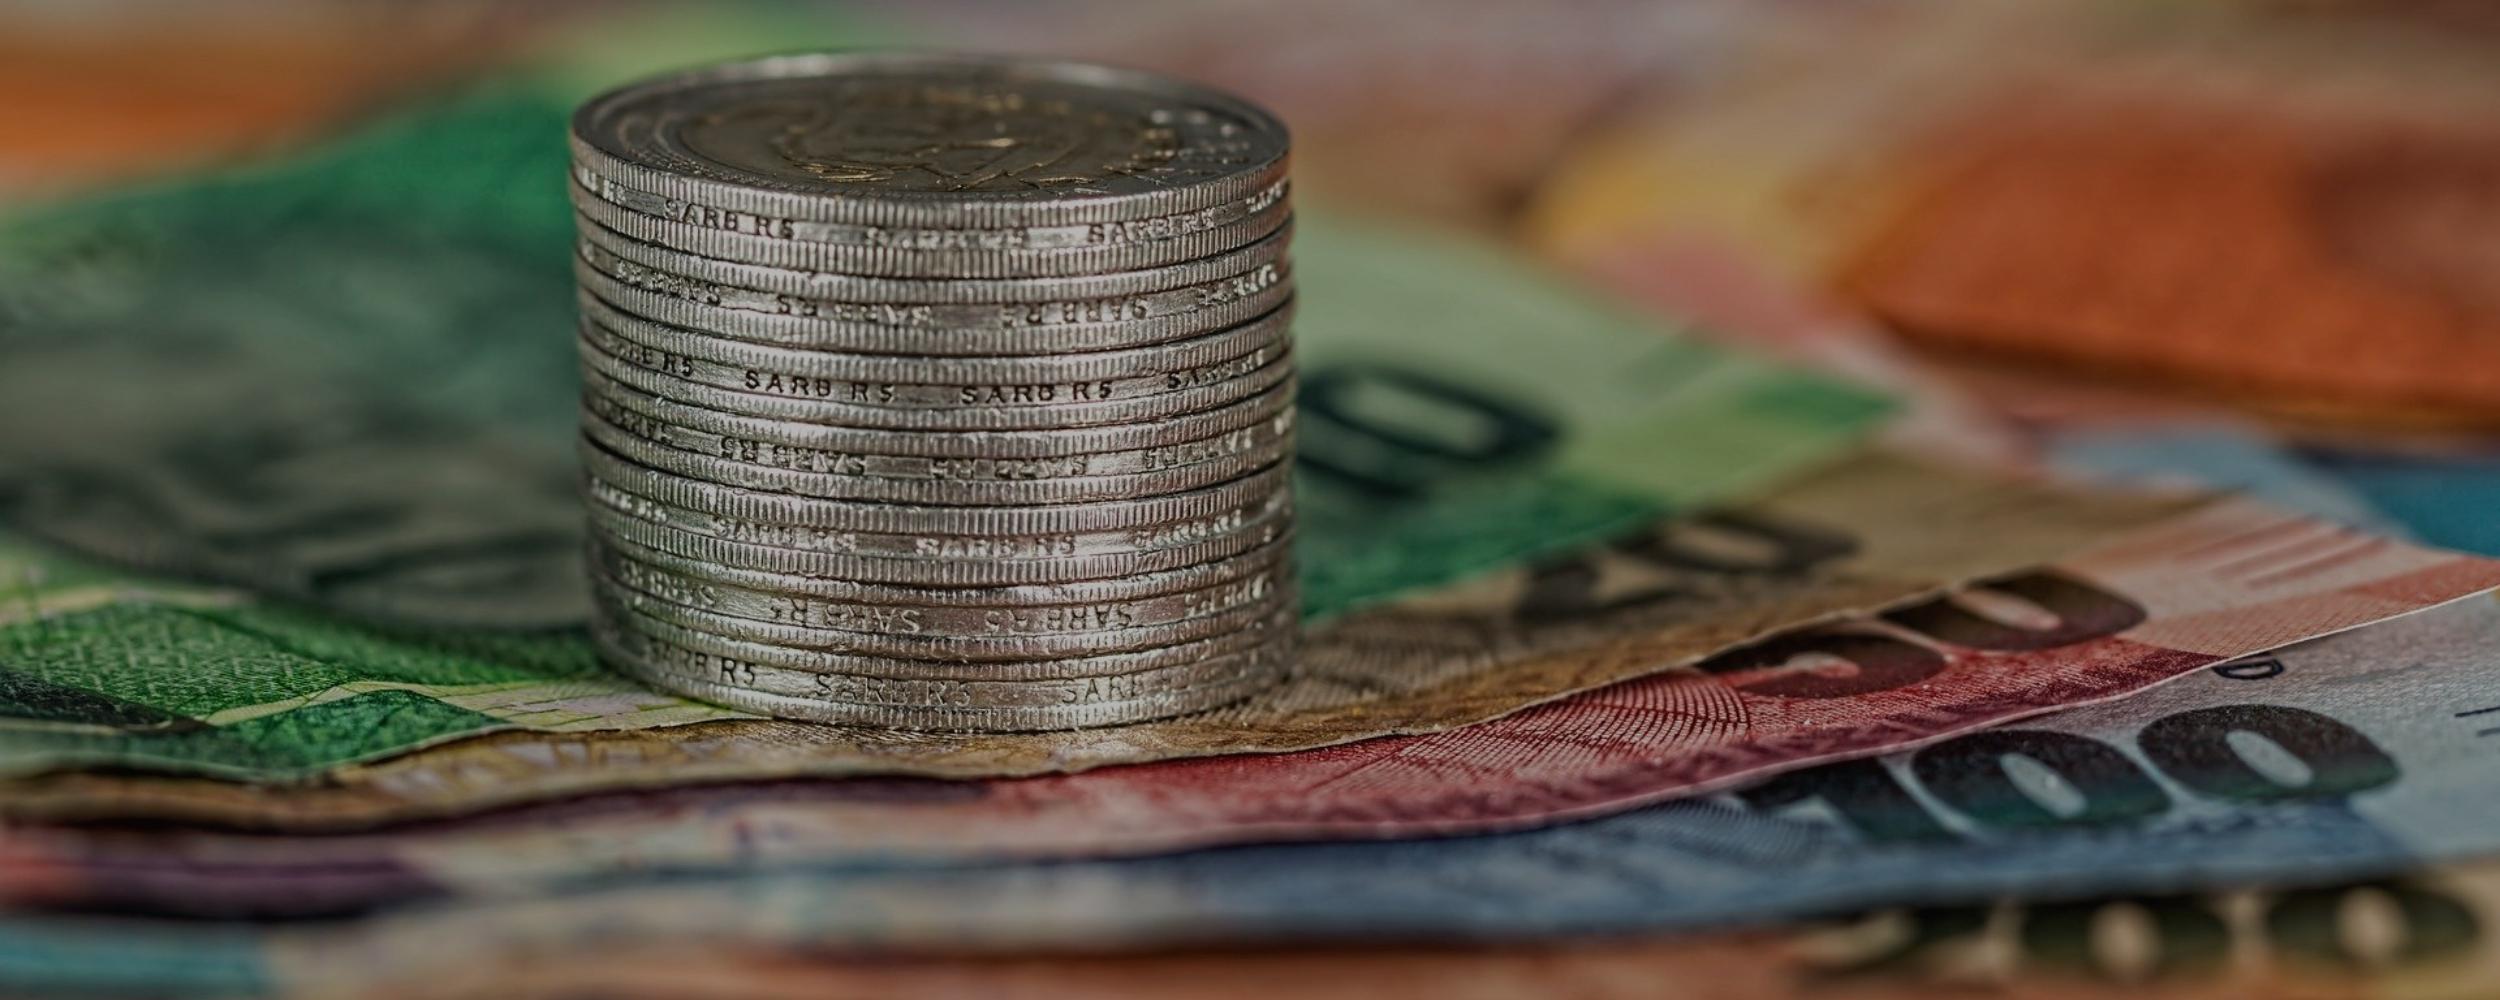 ADICAE insta al Banco Santander a dar una solución inmediata para los pequeños ahorradores afectados por el caso Banco Popular